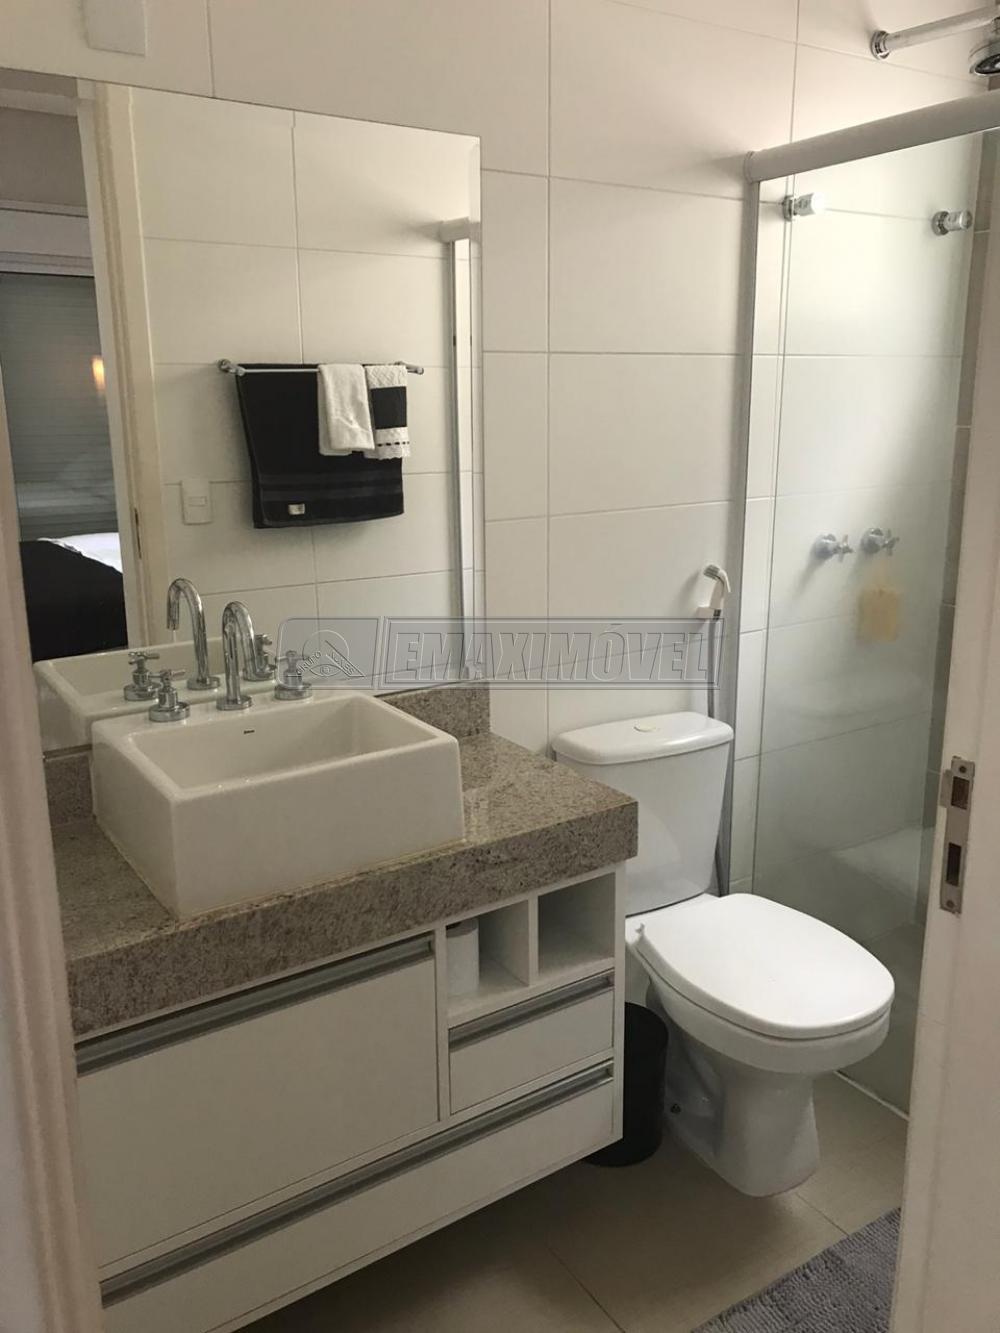 Comprar Casa / em Condomínios em Sorocaba R$ 720.000,00 - Foto 12